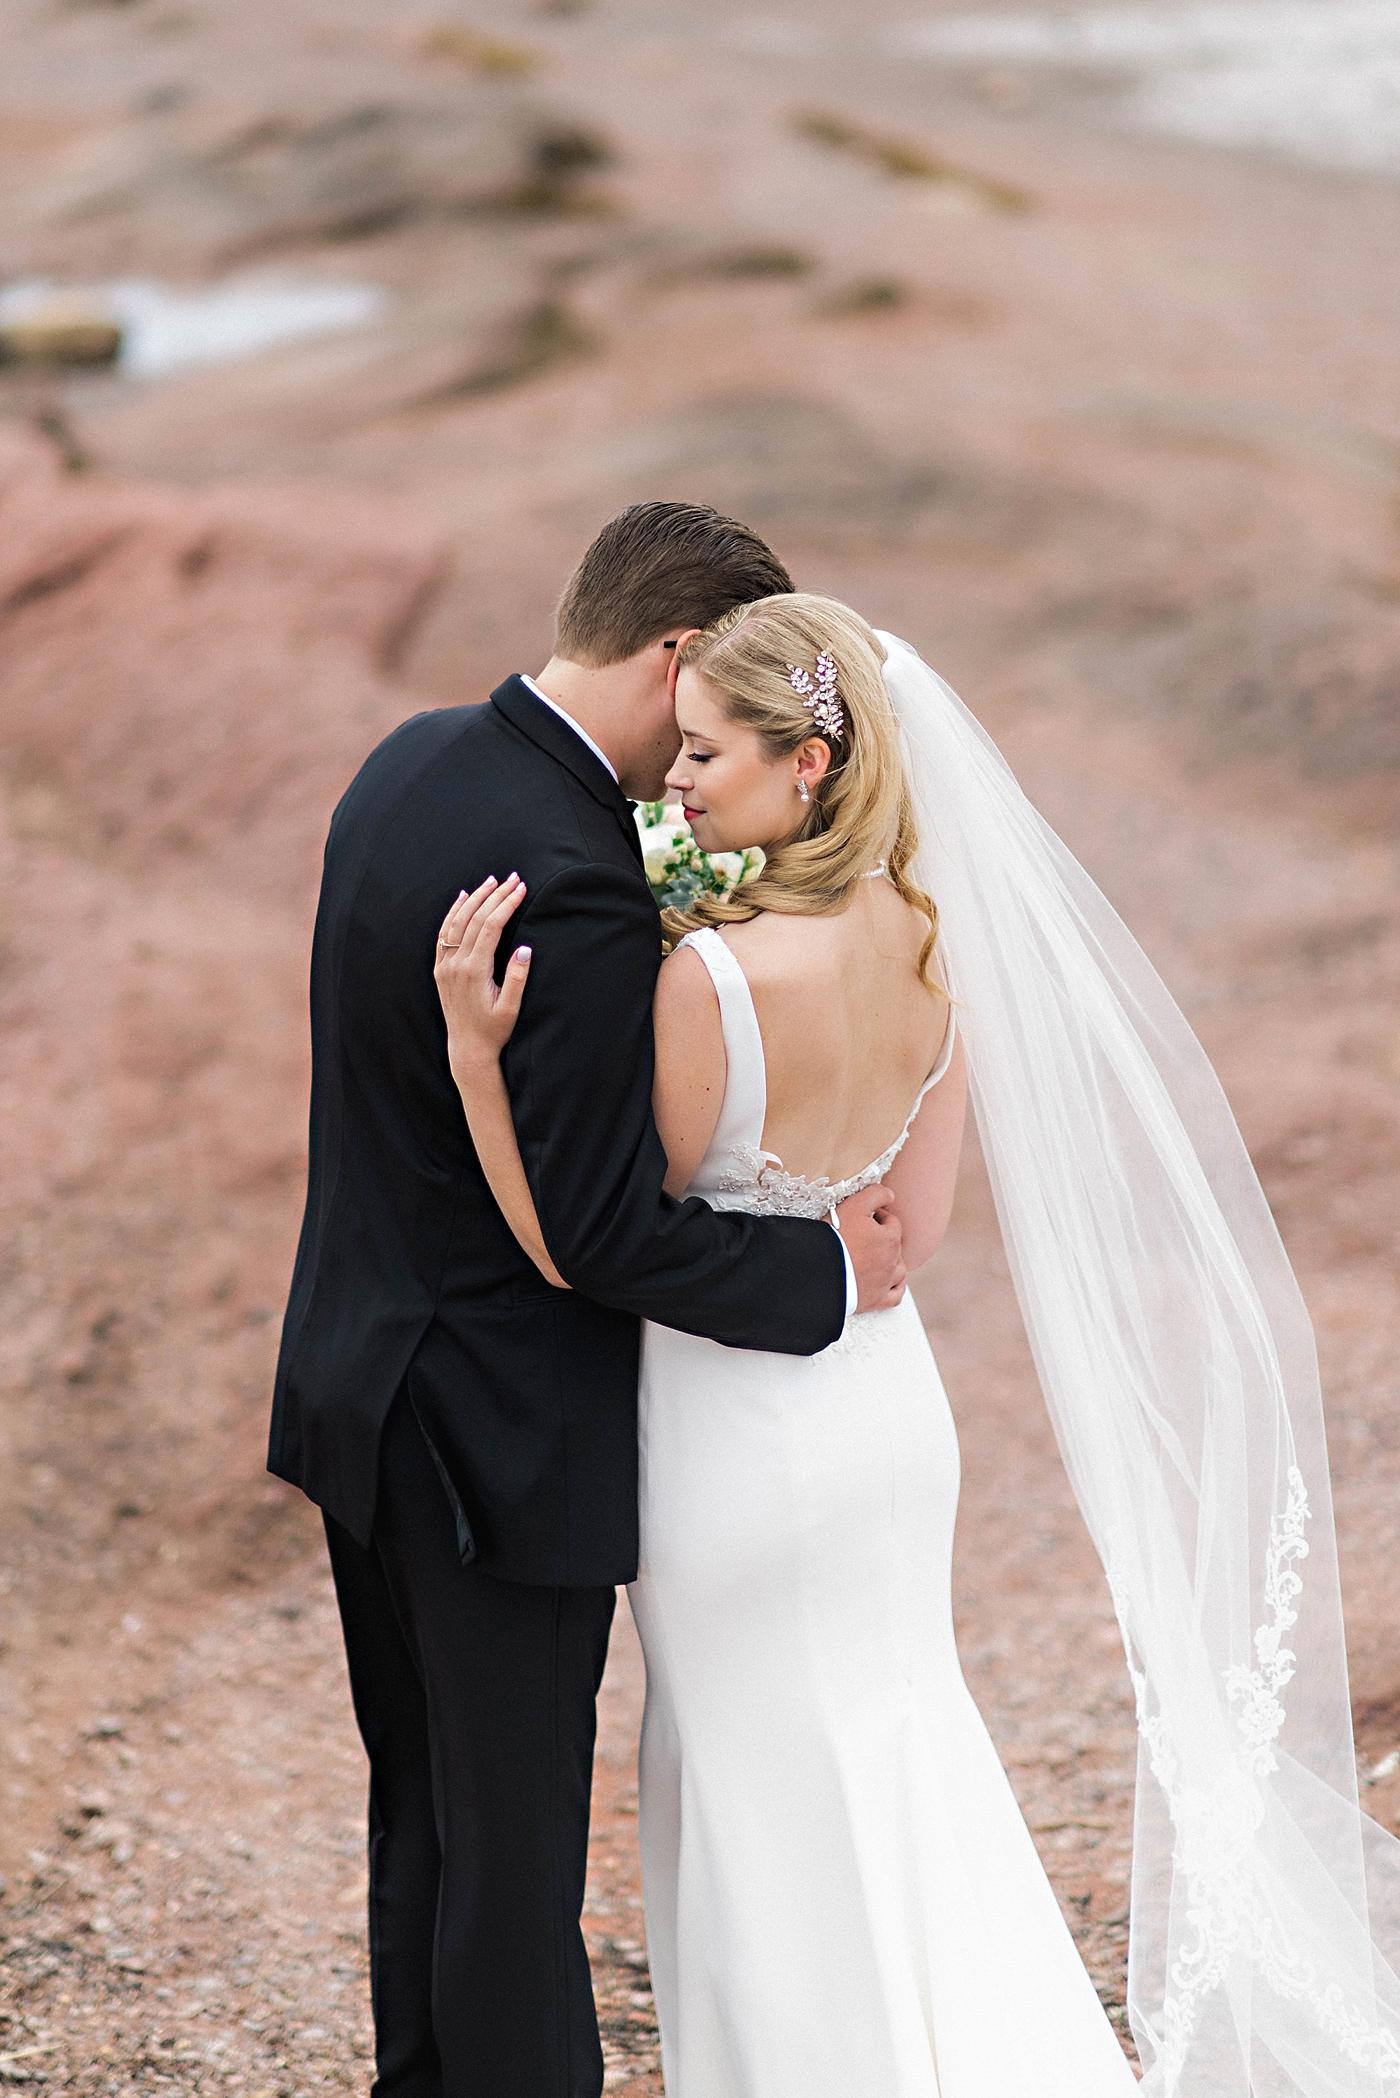 Halifax-Wedding-Photographer-New Brunswick Wedding- Nicolle & Ethan32.jpeg